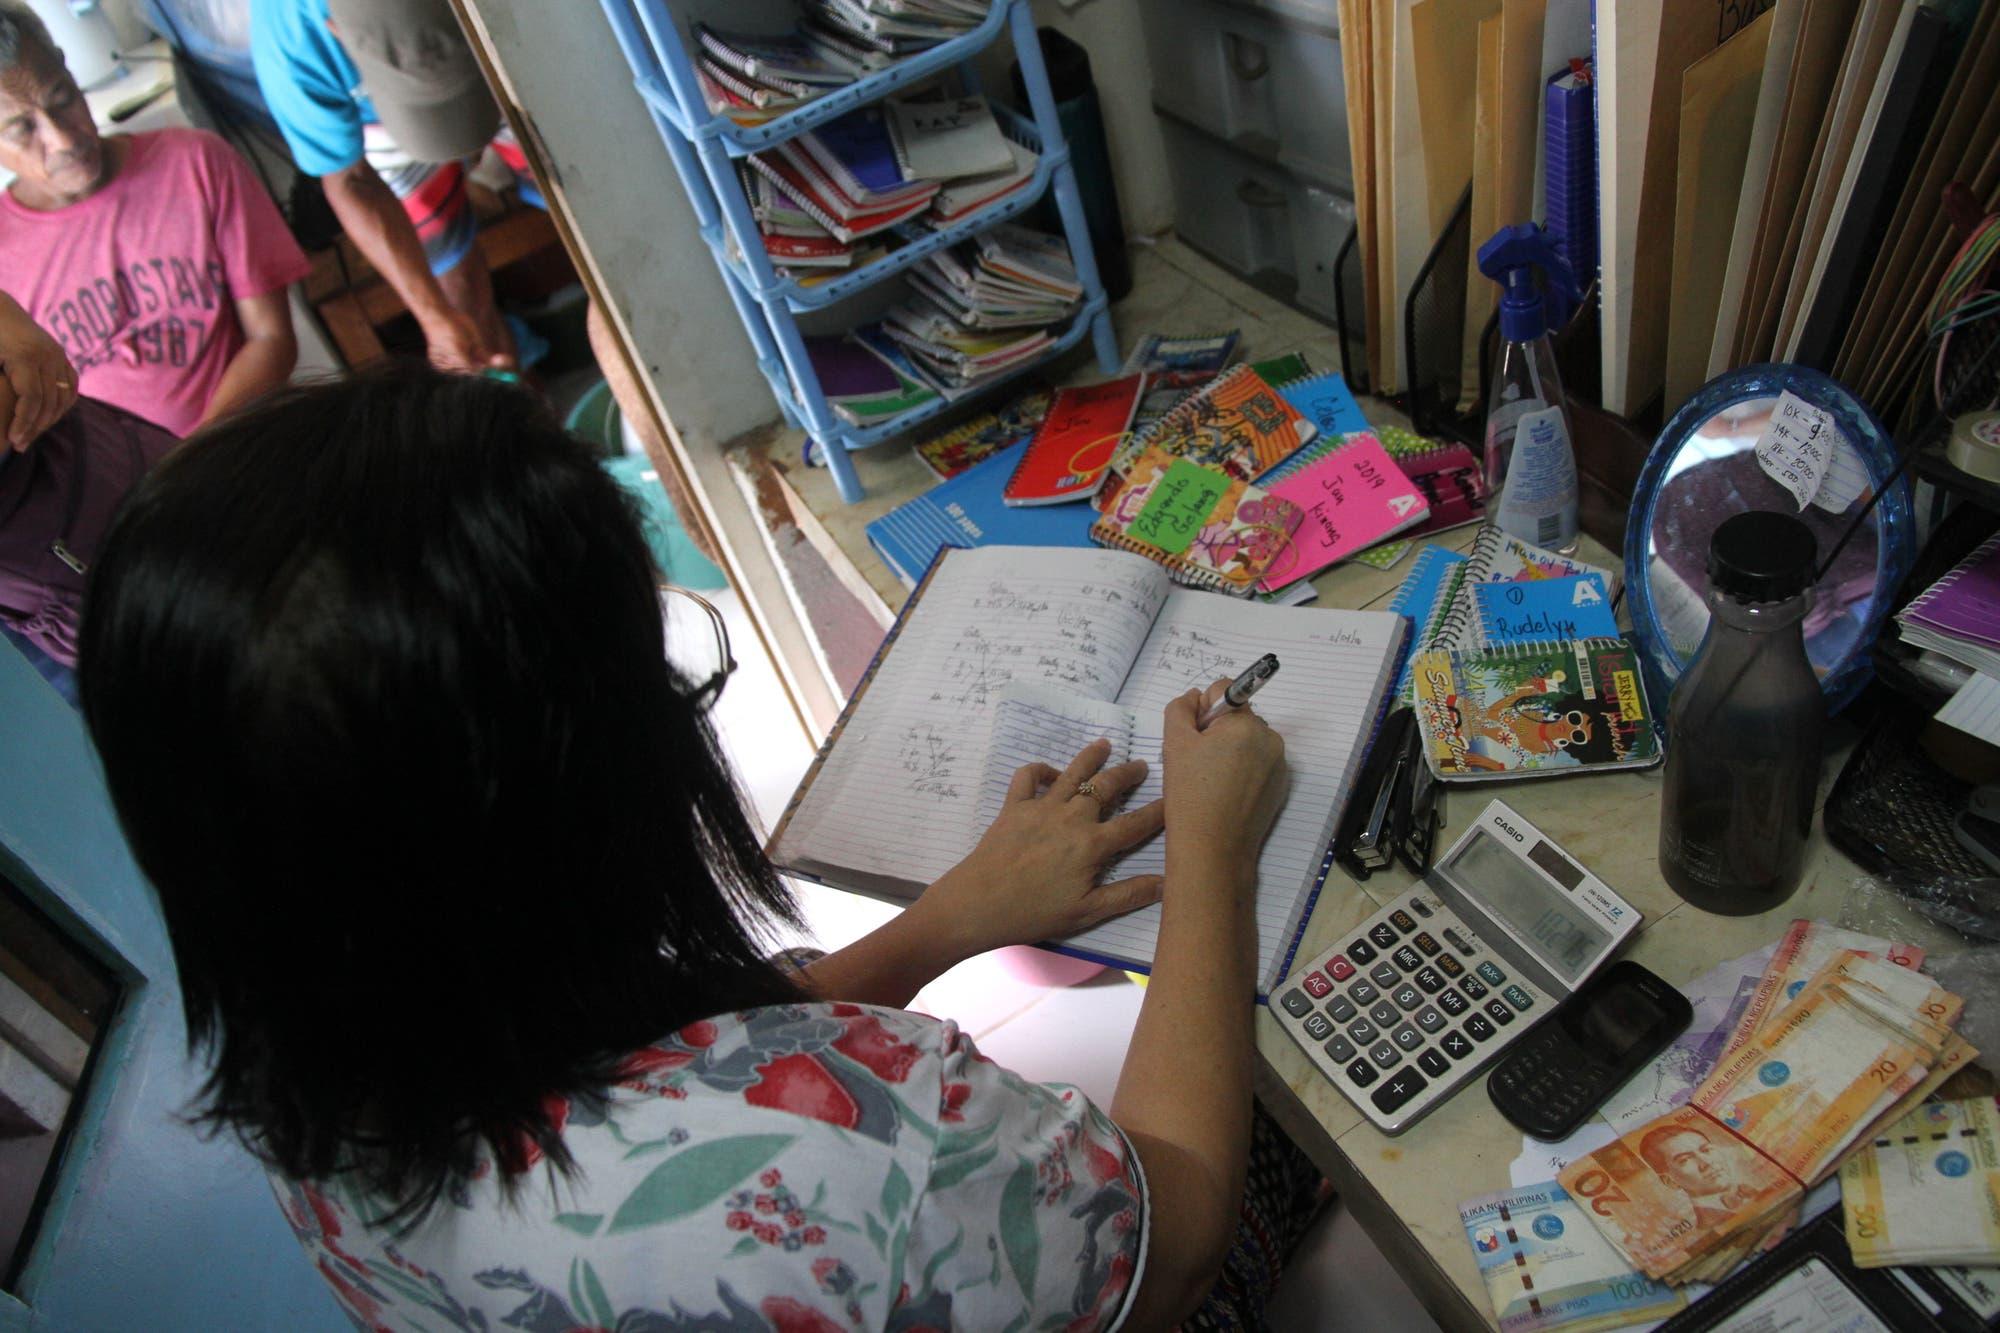 Flordeliza Barasona rechnet aus, wieviel der Thunfisch wert ist